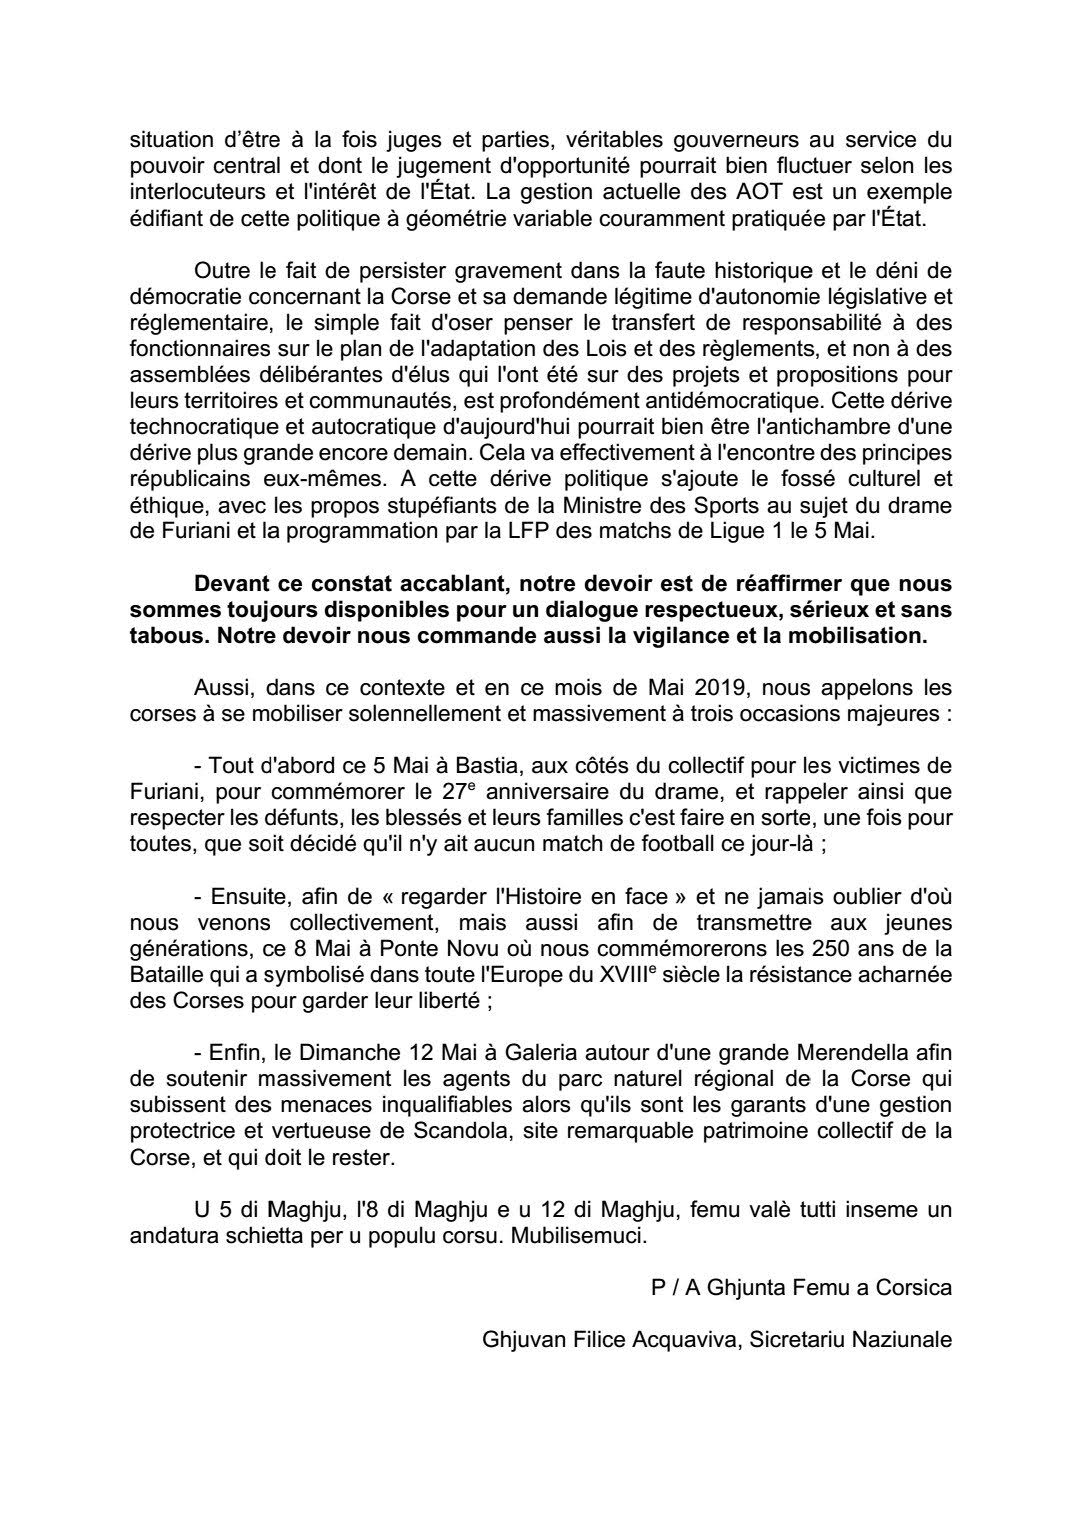 Femu a Corsica appelle à une triple mobilisation en Mai